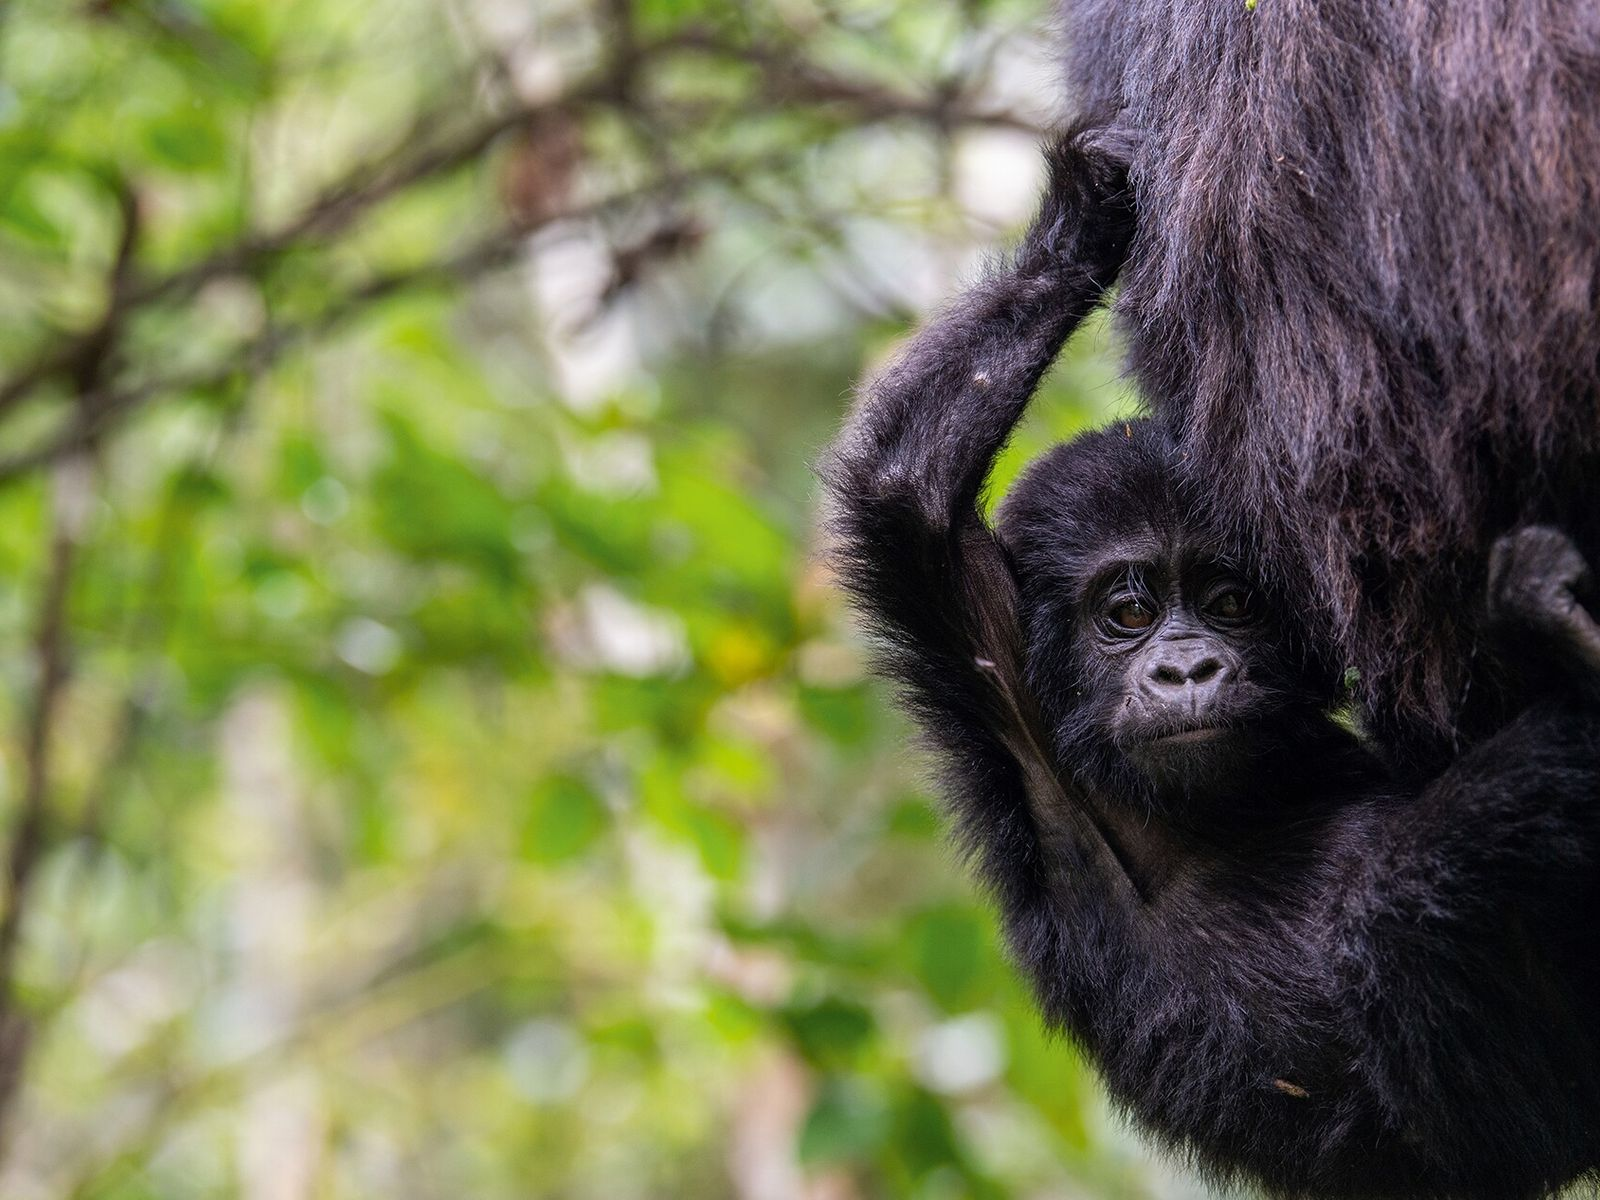 A gorilla trek in Buhoma, home to Dr Gladys Kalema-Zikusoka's research lab.